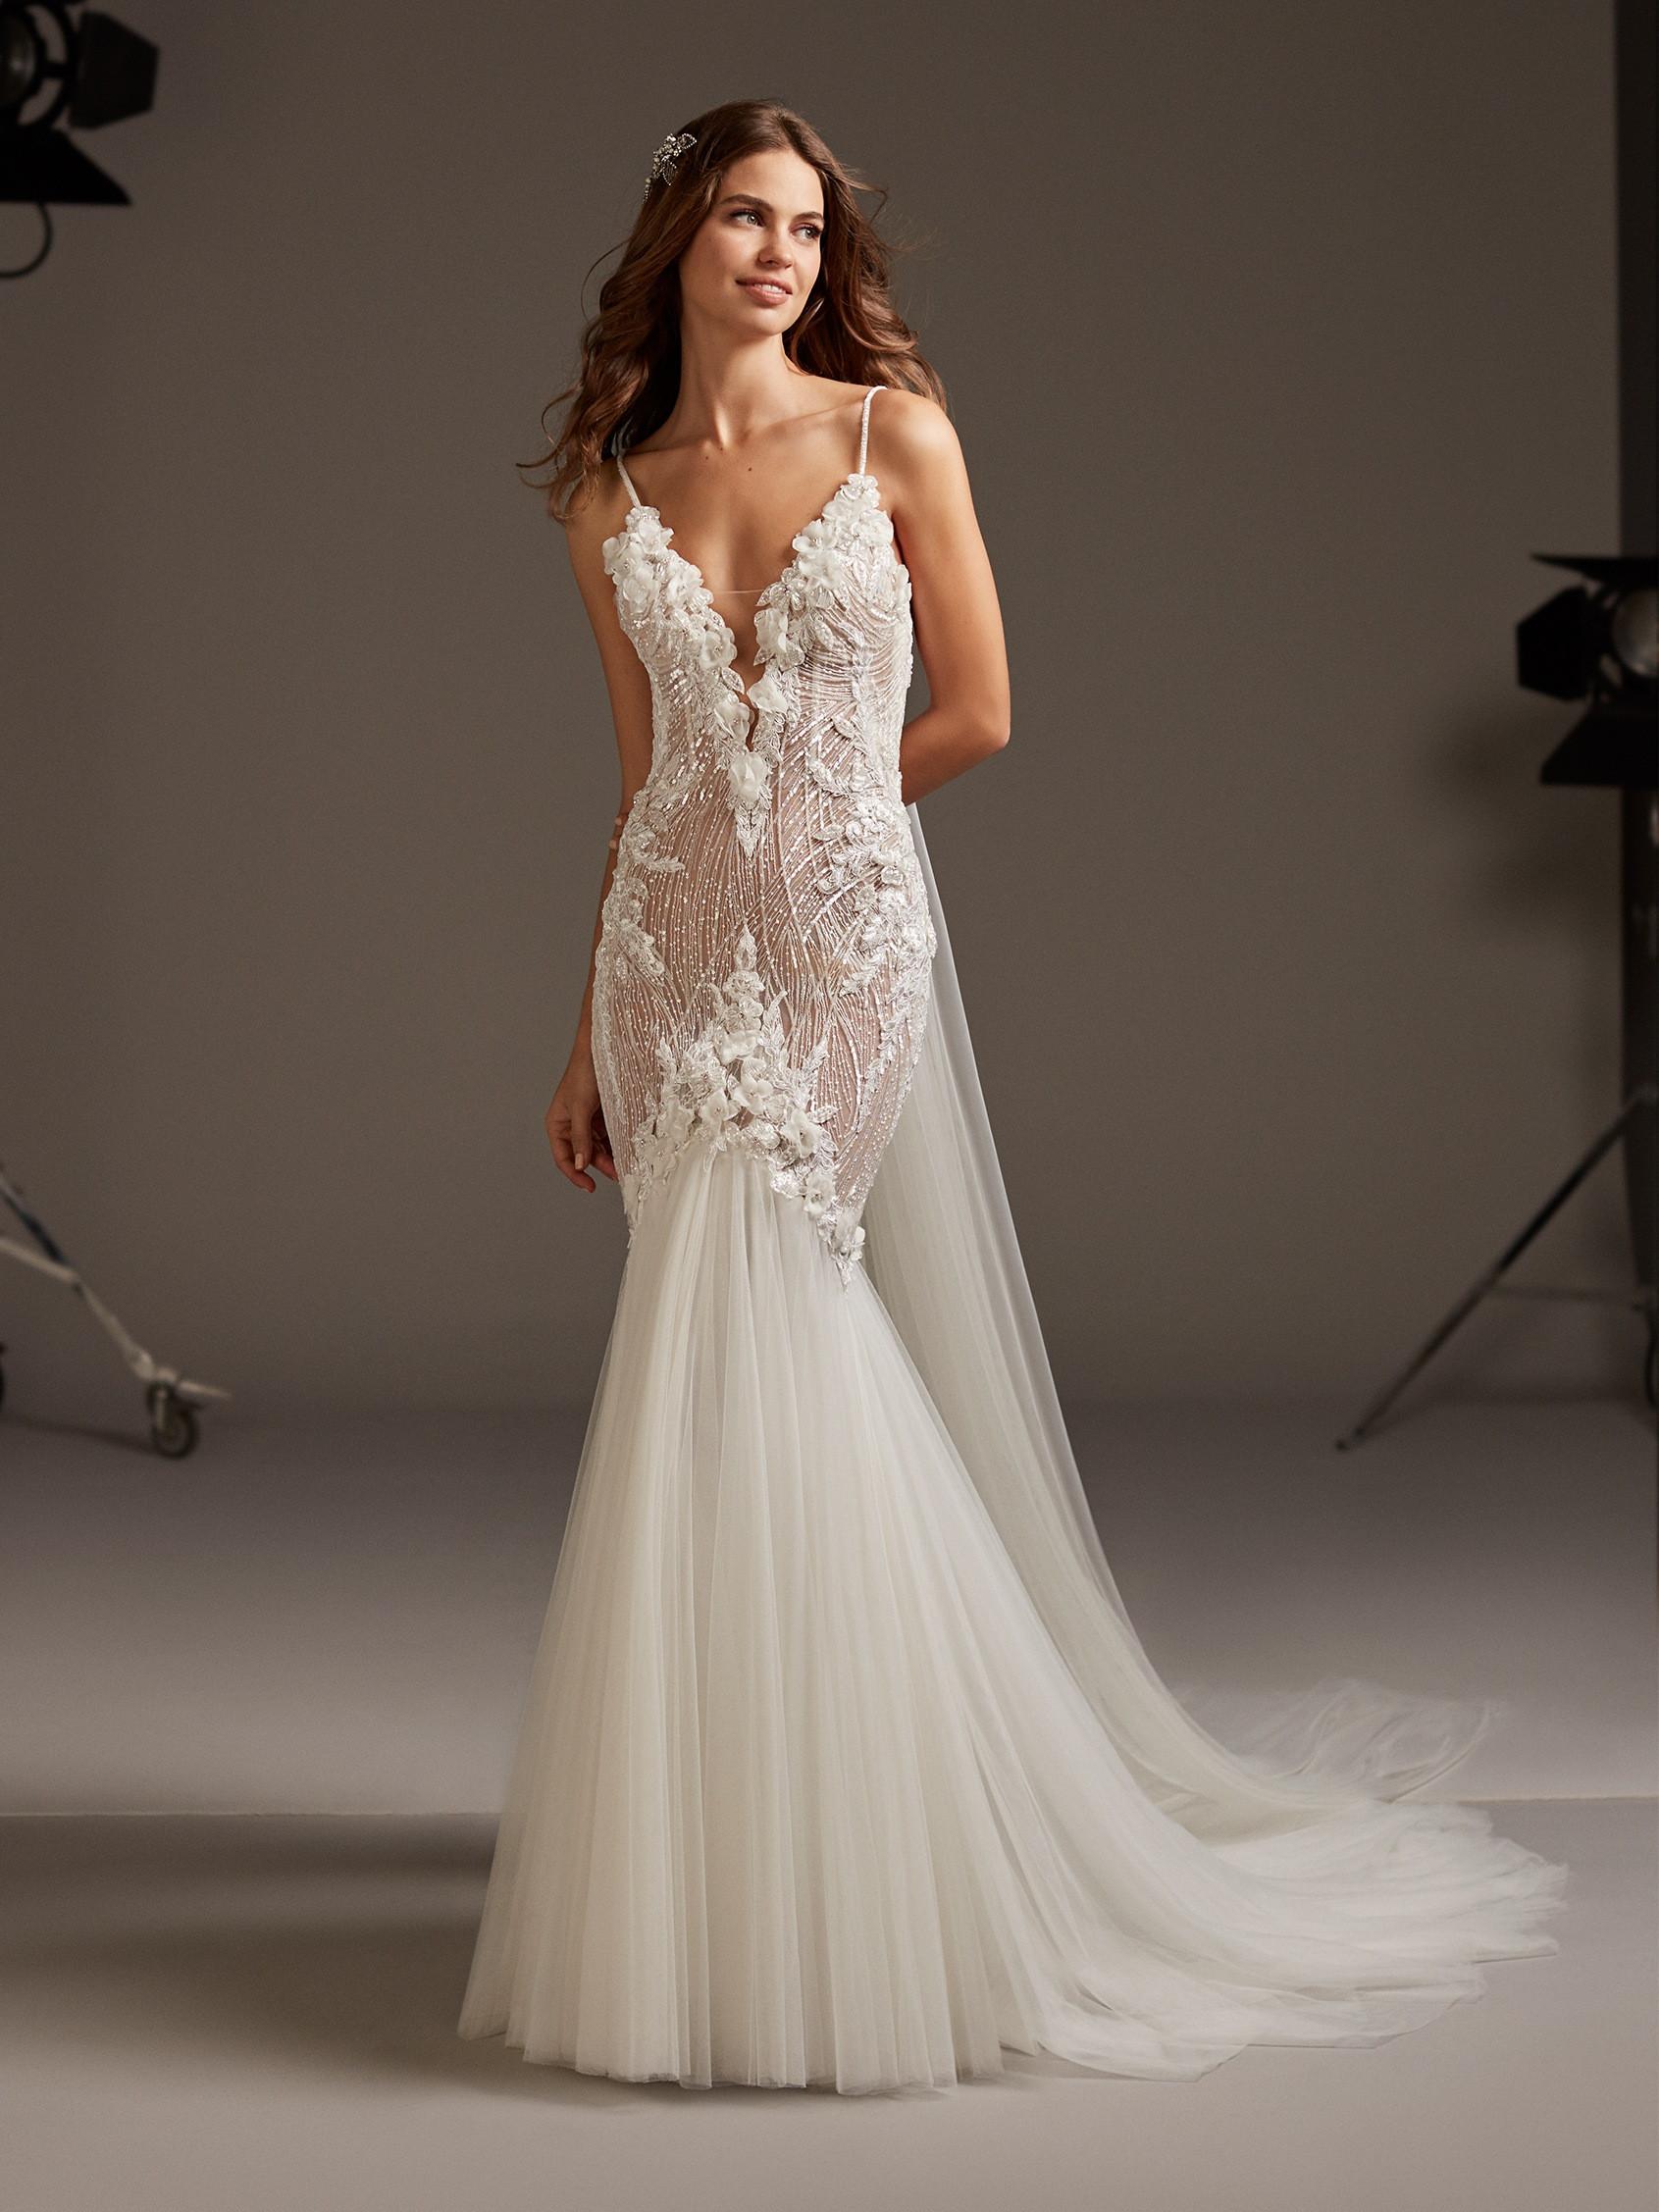 Wedding dress pronovias, nude wedding dress, toronto wedding dress, new wedding dress, wedding dress with straps